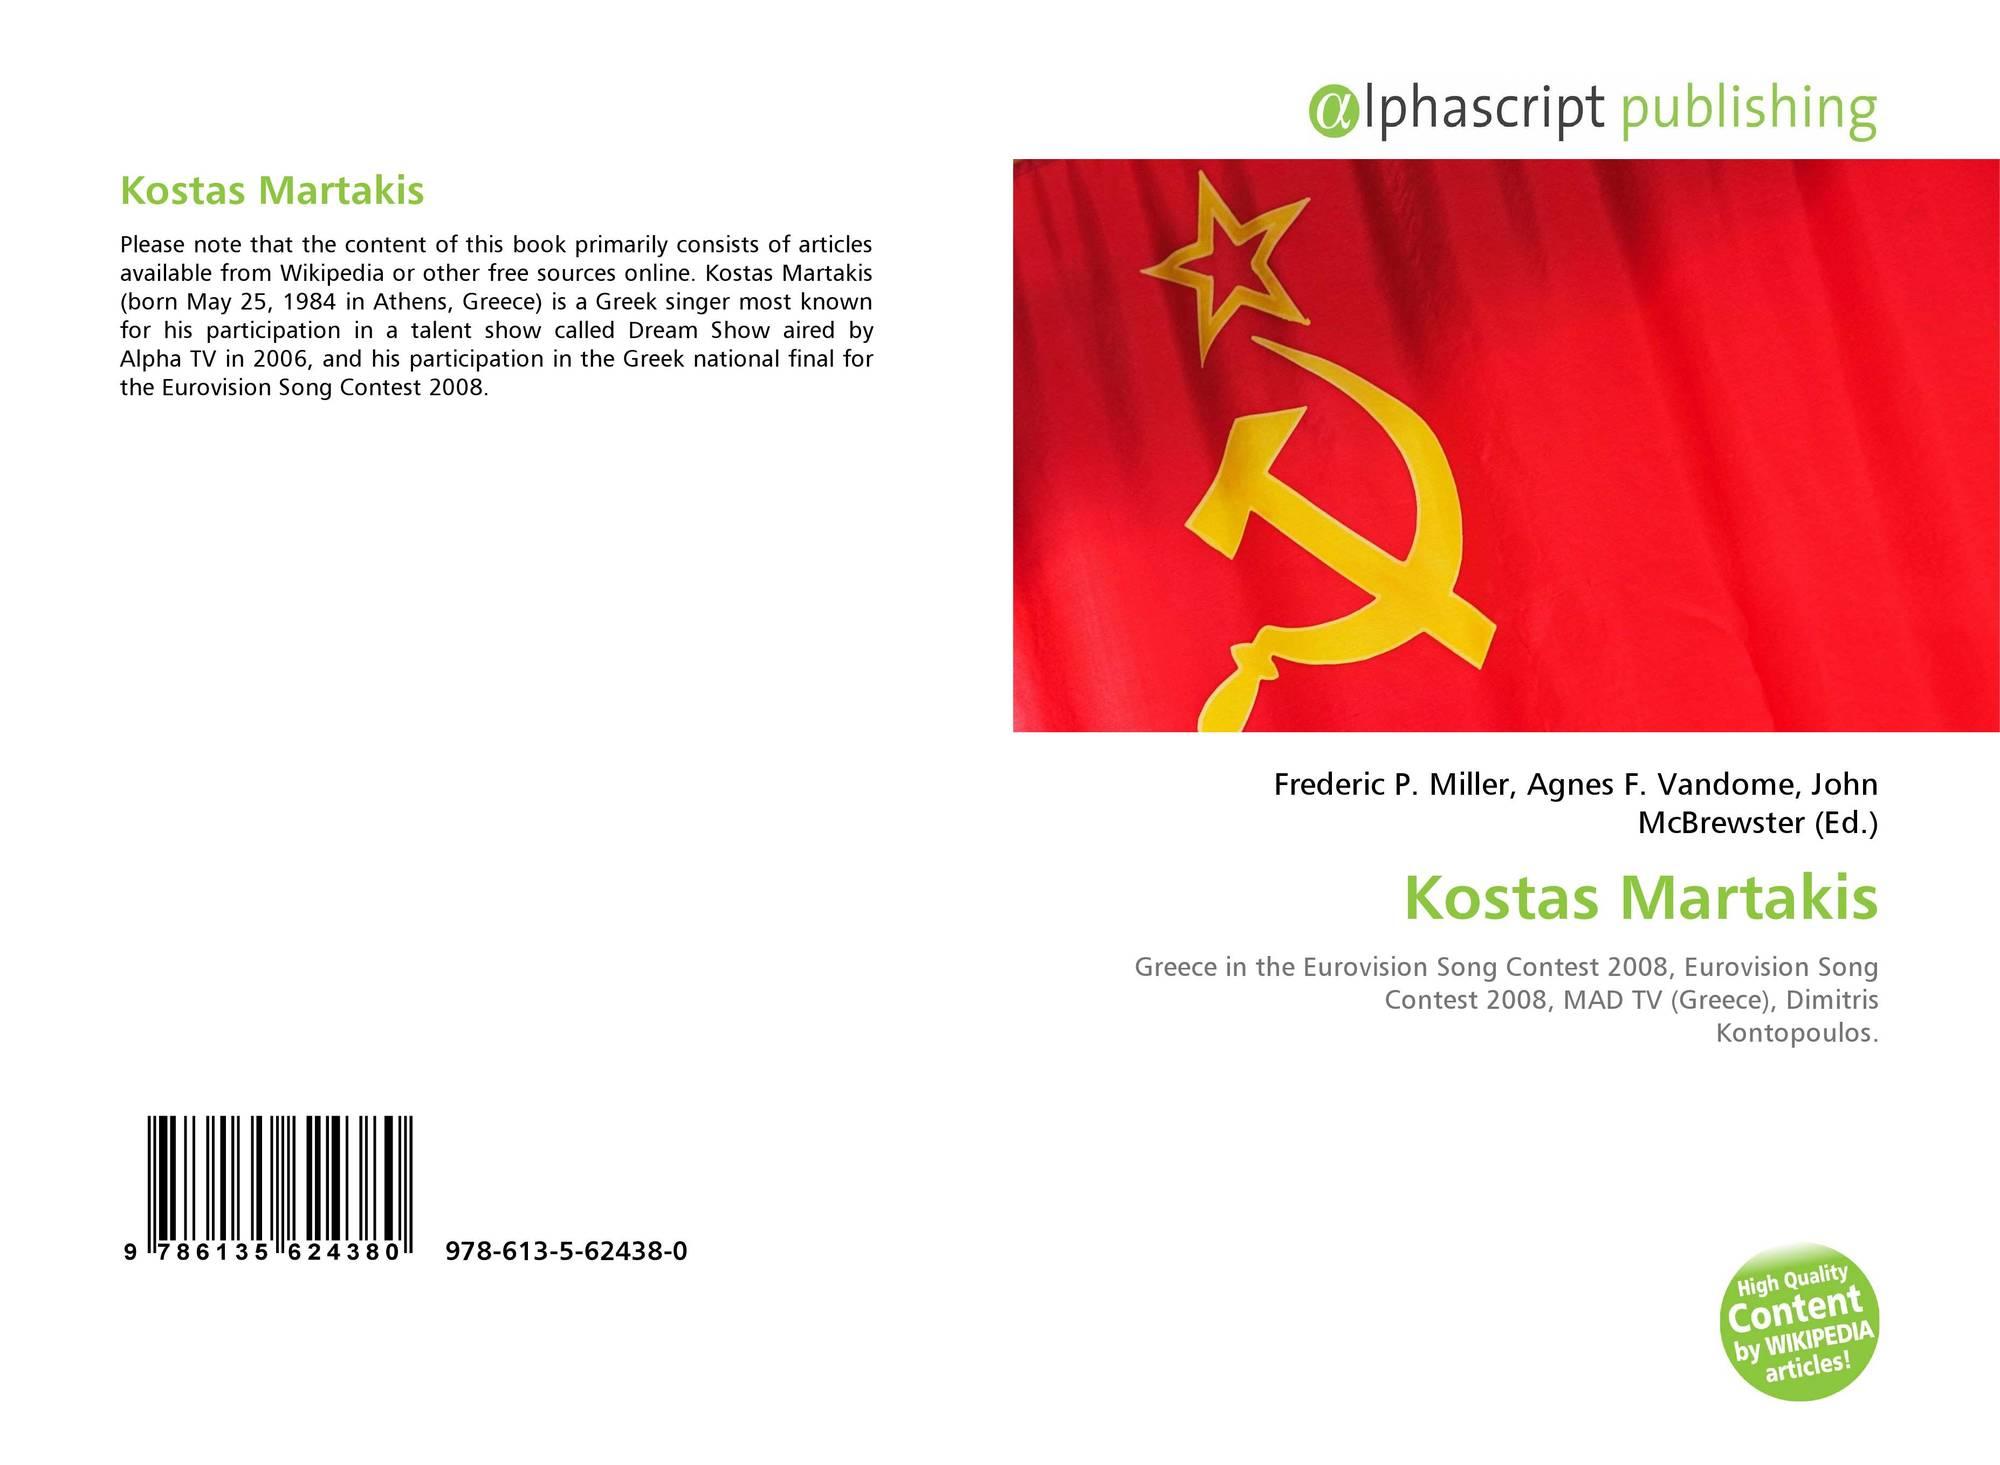 Kostas Martakis, 978-613-5-62438-0, 6135624385 ,9786135624380